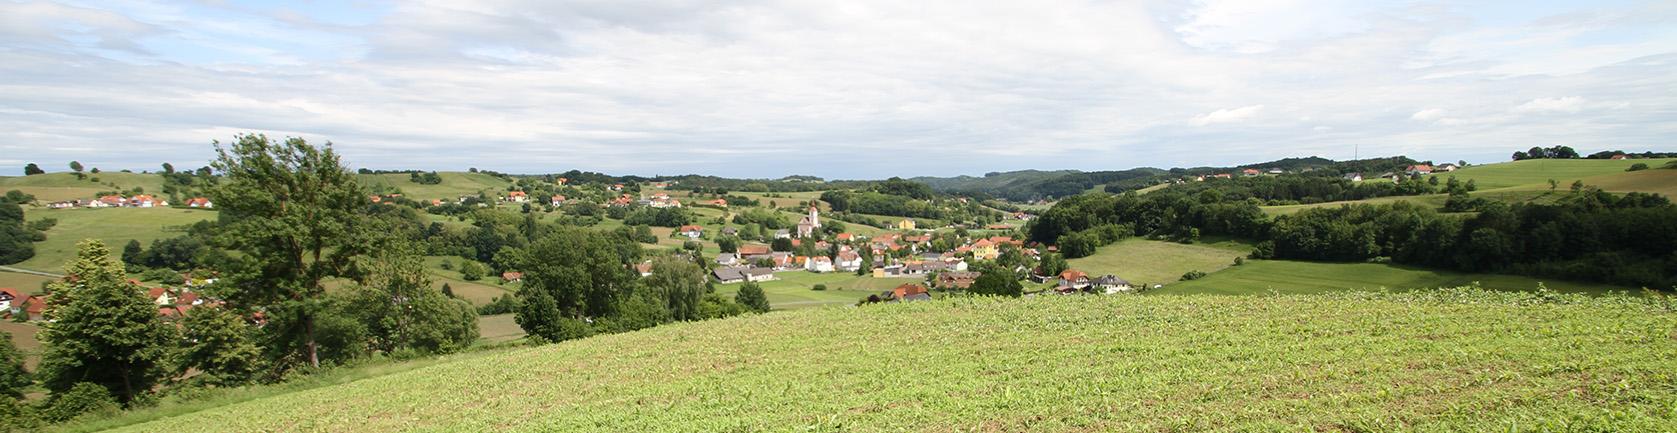 vulkanland-unterlamm-loipersdorf